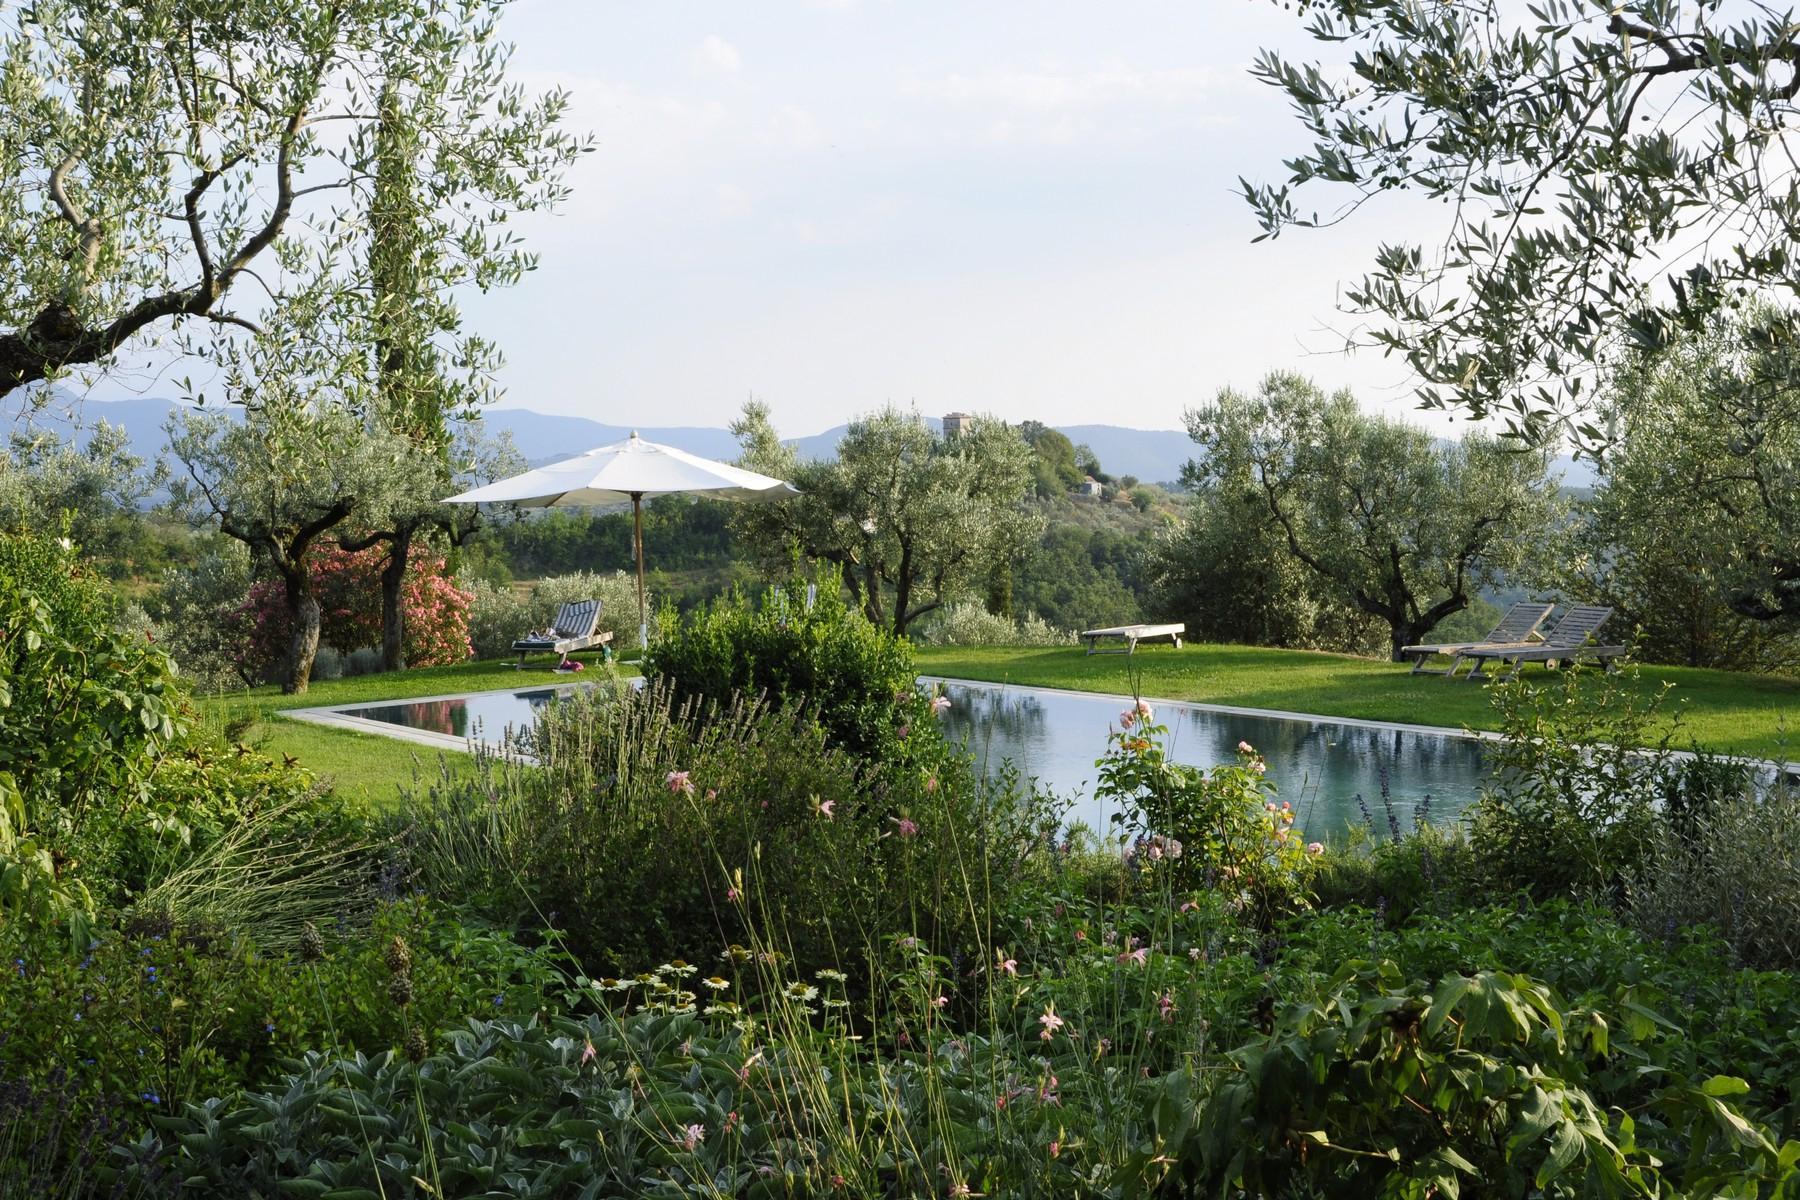 中世纪村庄Oliveto山顶上的雄壮宫殿 - 23